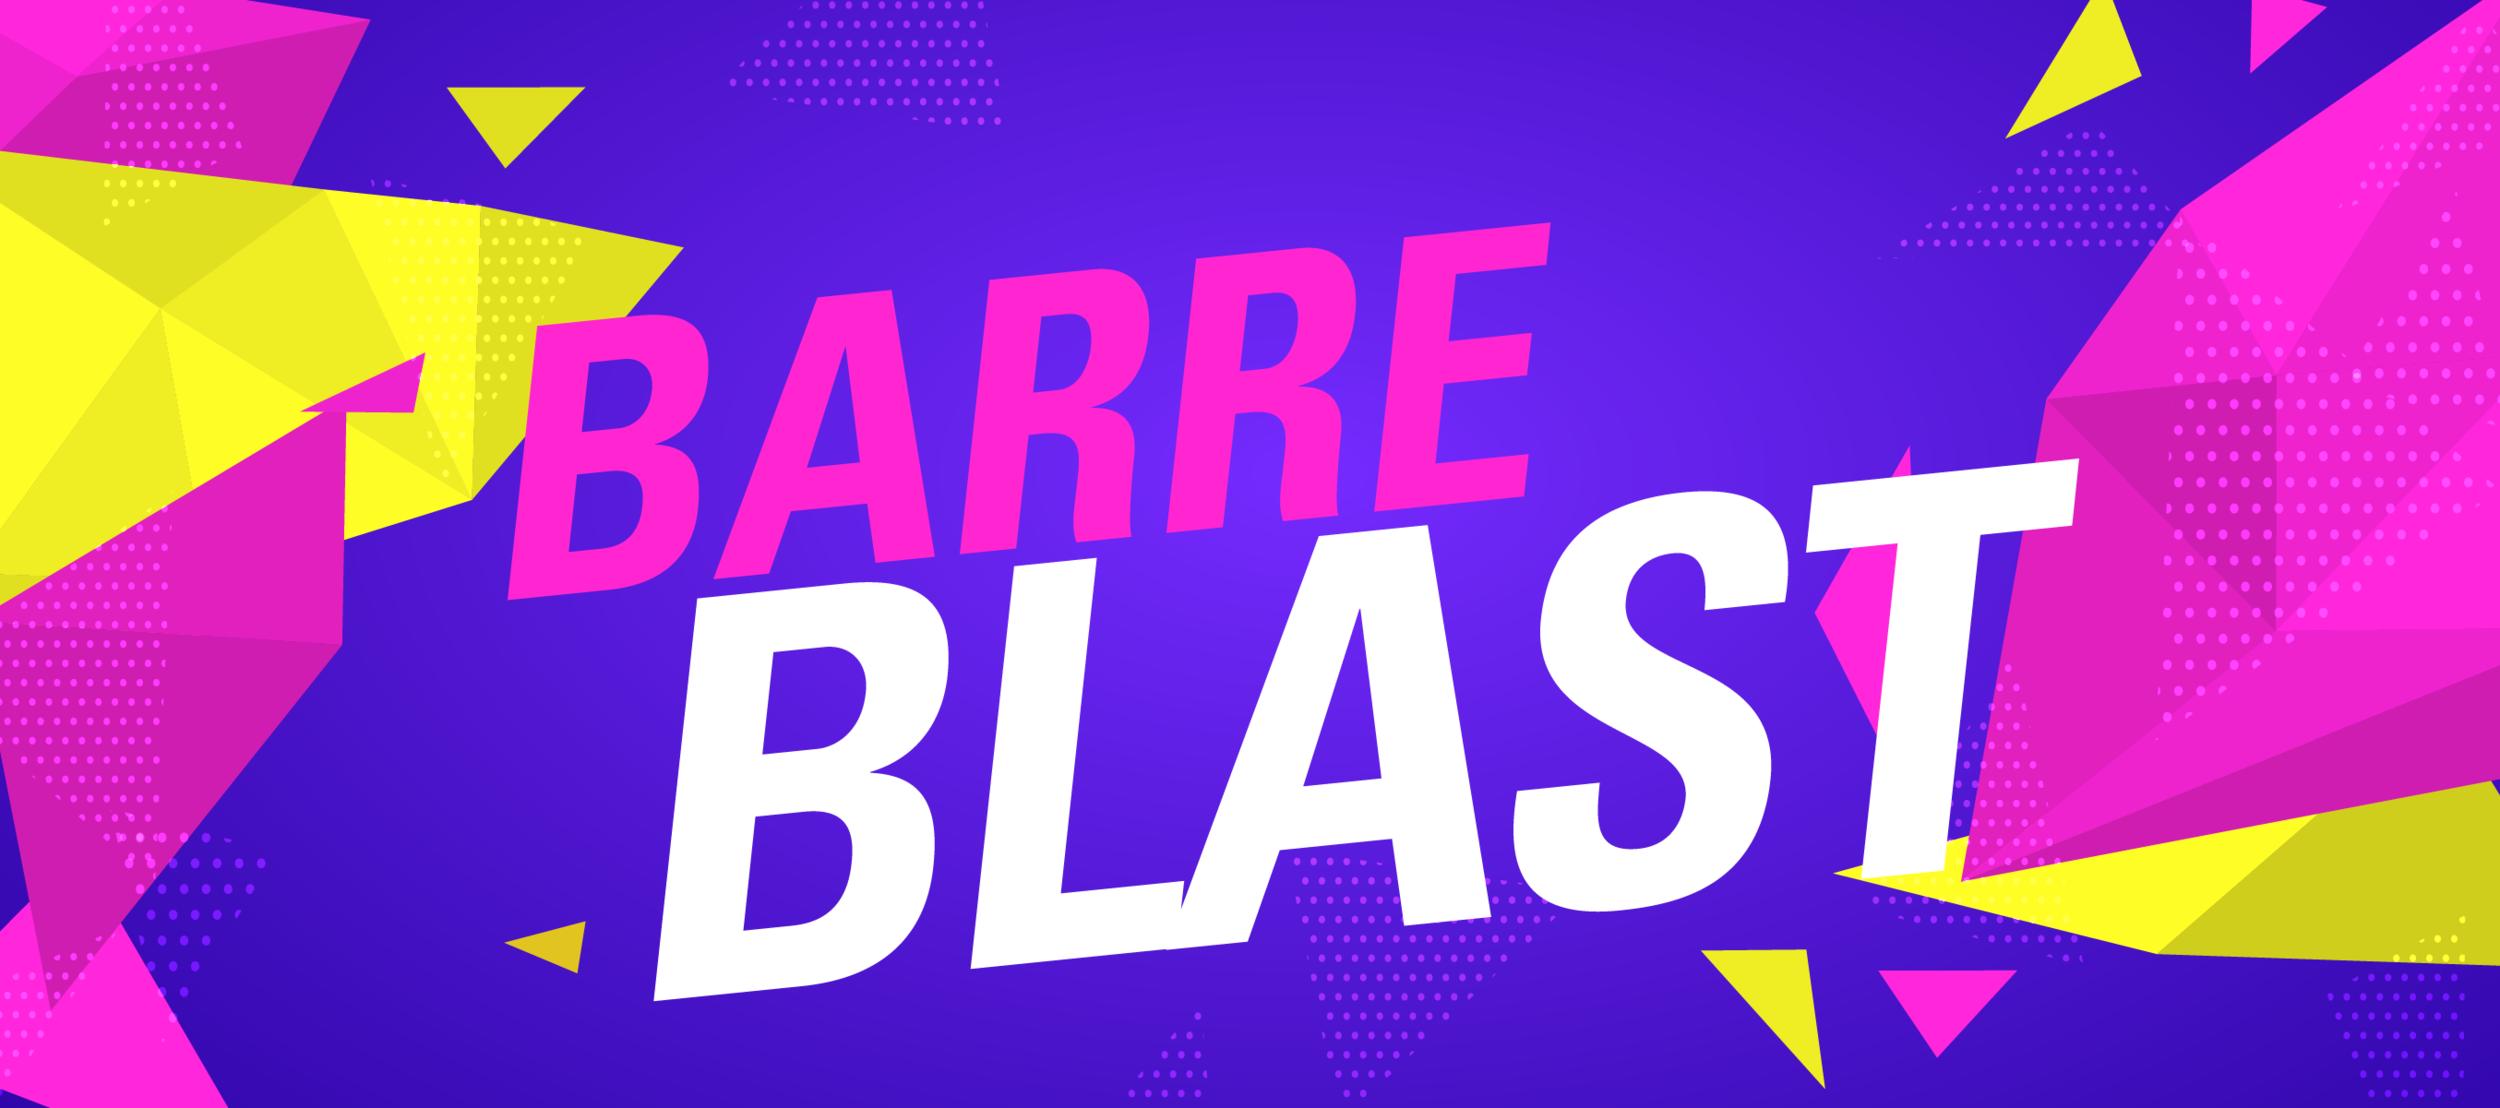 APP-Redding_Dance-BarreBlast_Workout.png